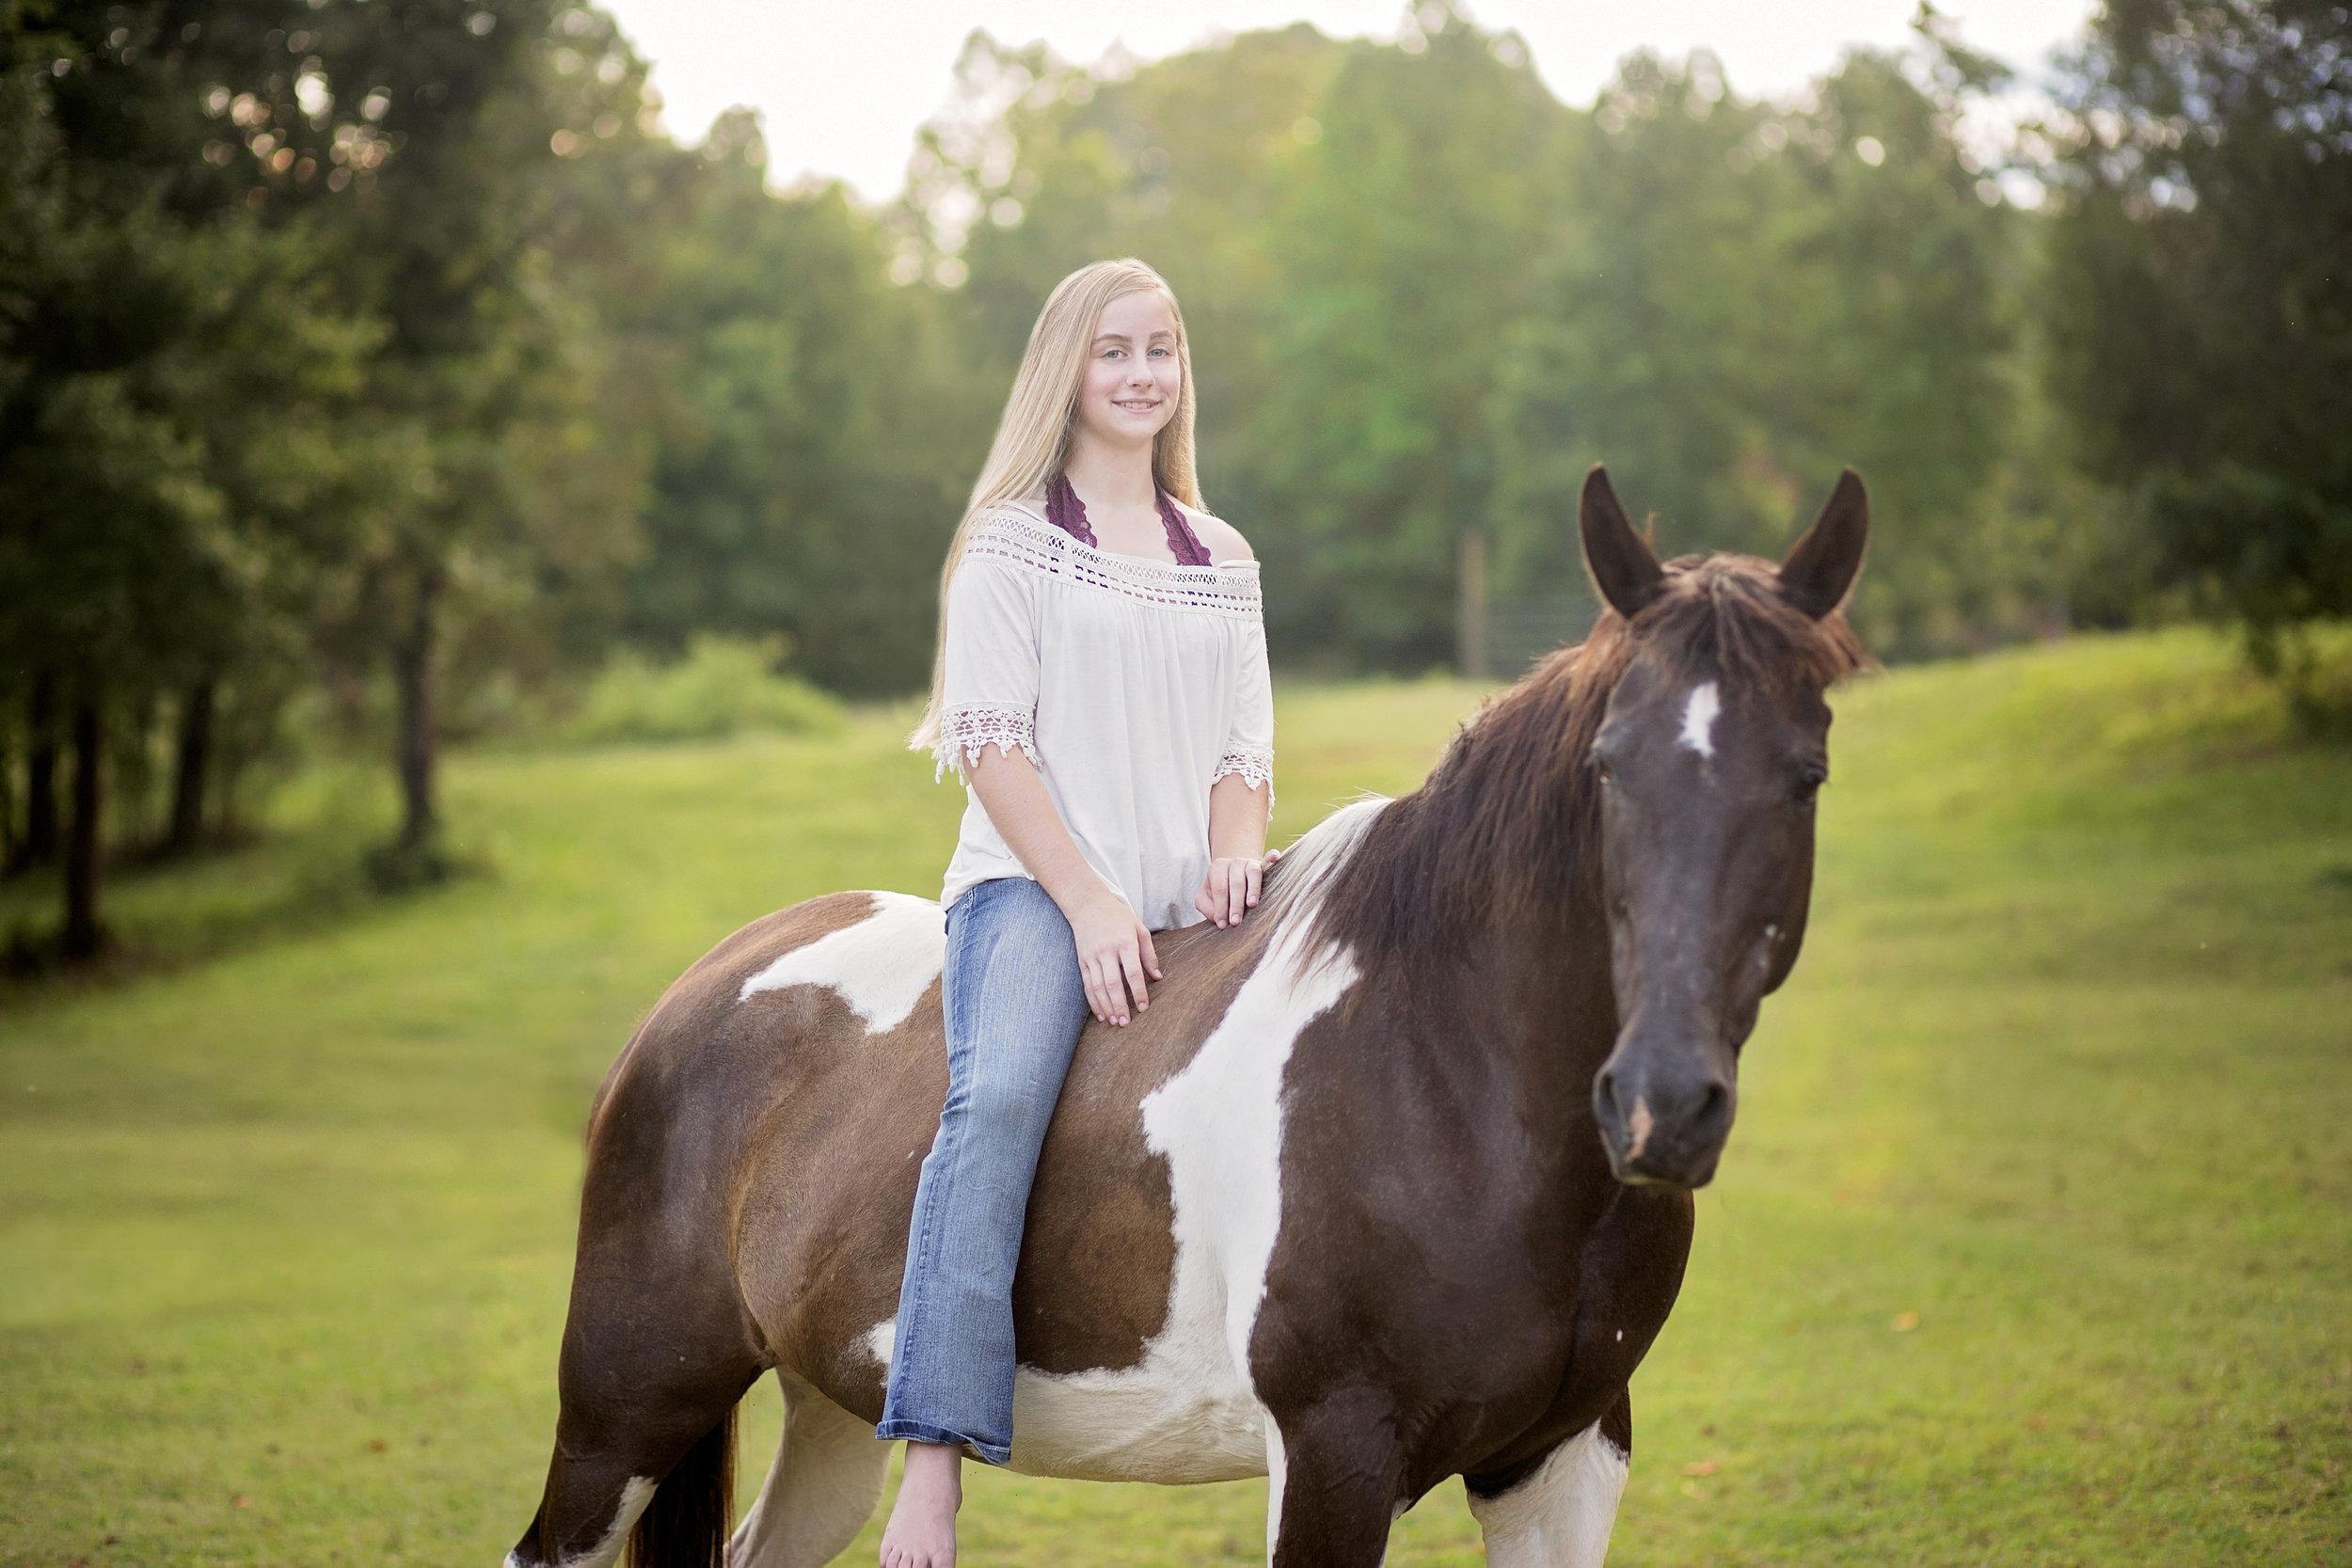 pickens sc senior portraits  senior photographer pickens sc  horse senior portraits